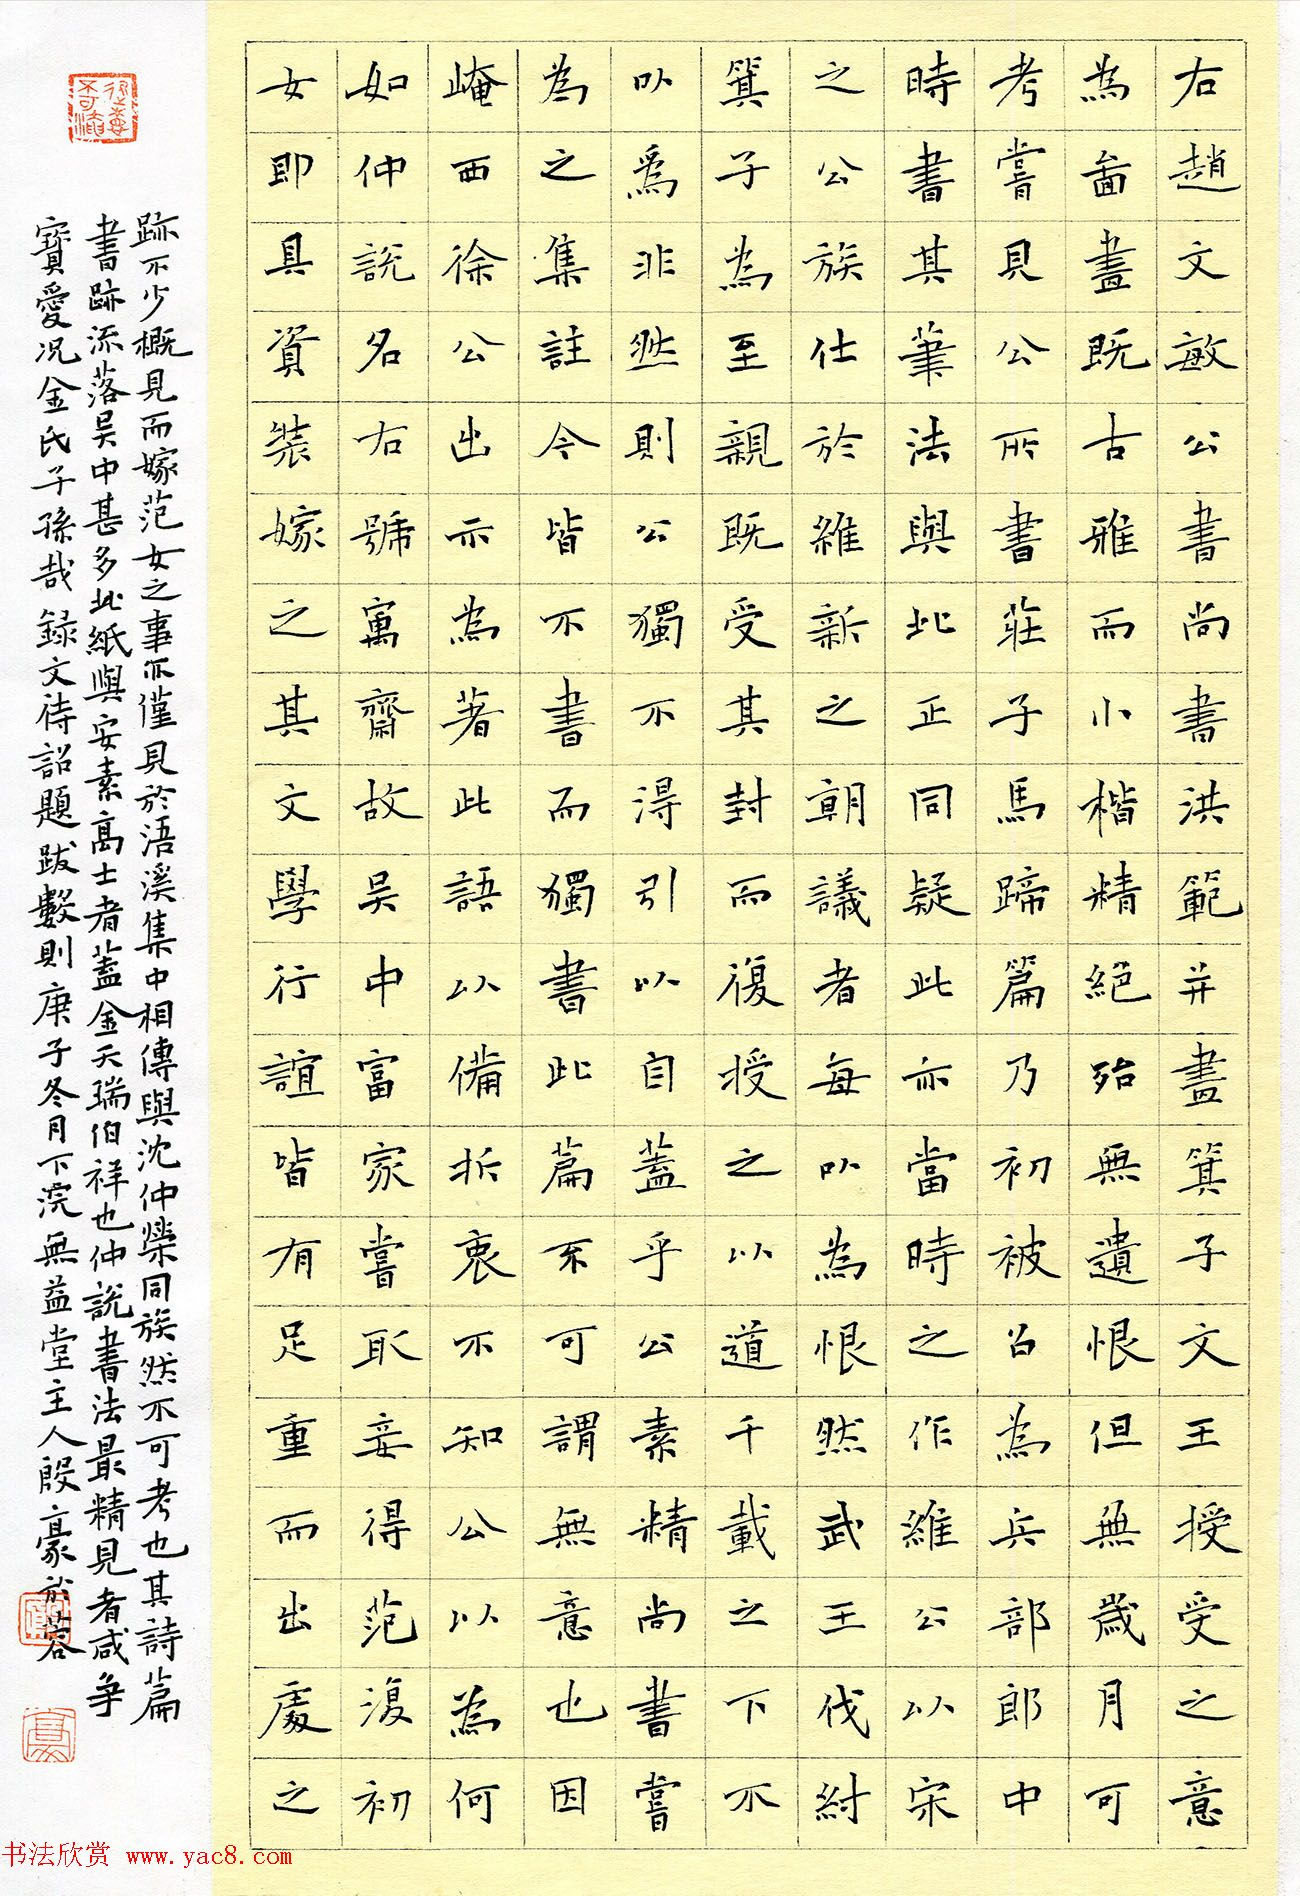 """""""品翰堂杯""""第七届中国硬笔书法公开赛金奖、银奖作品欣赏"""